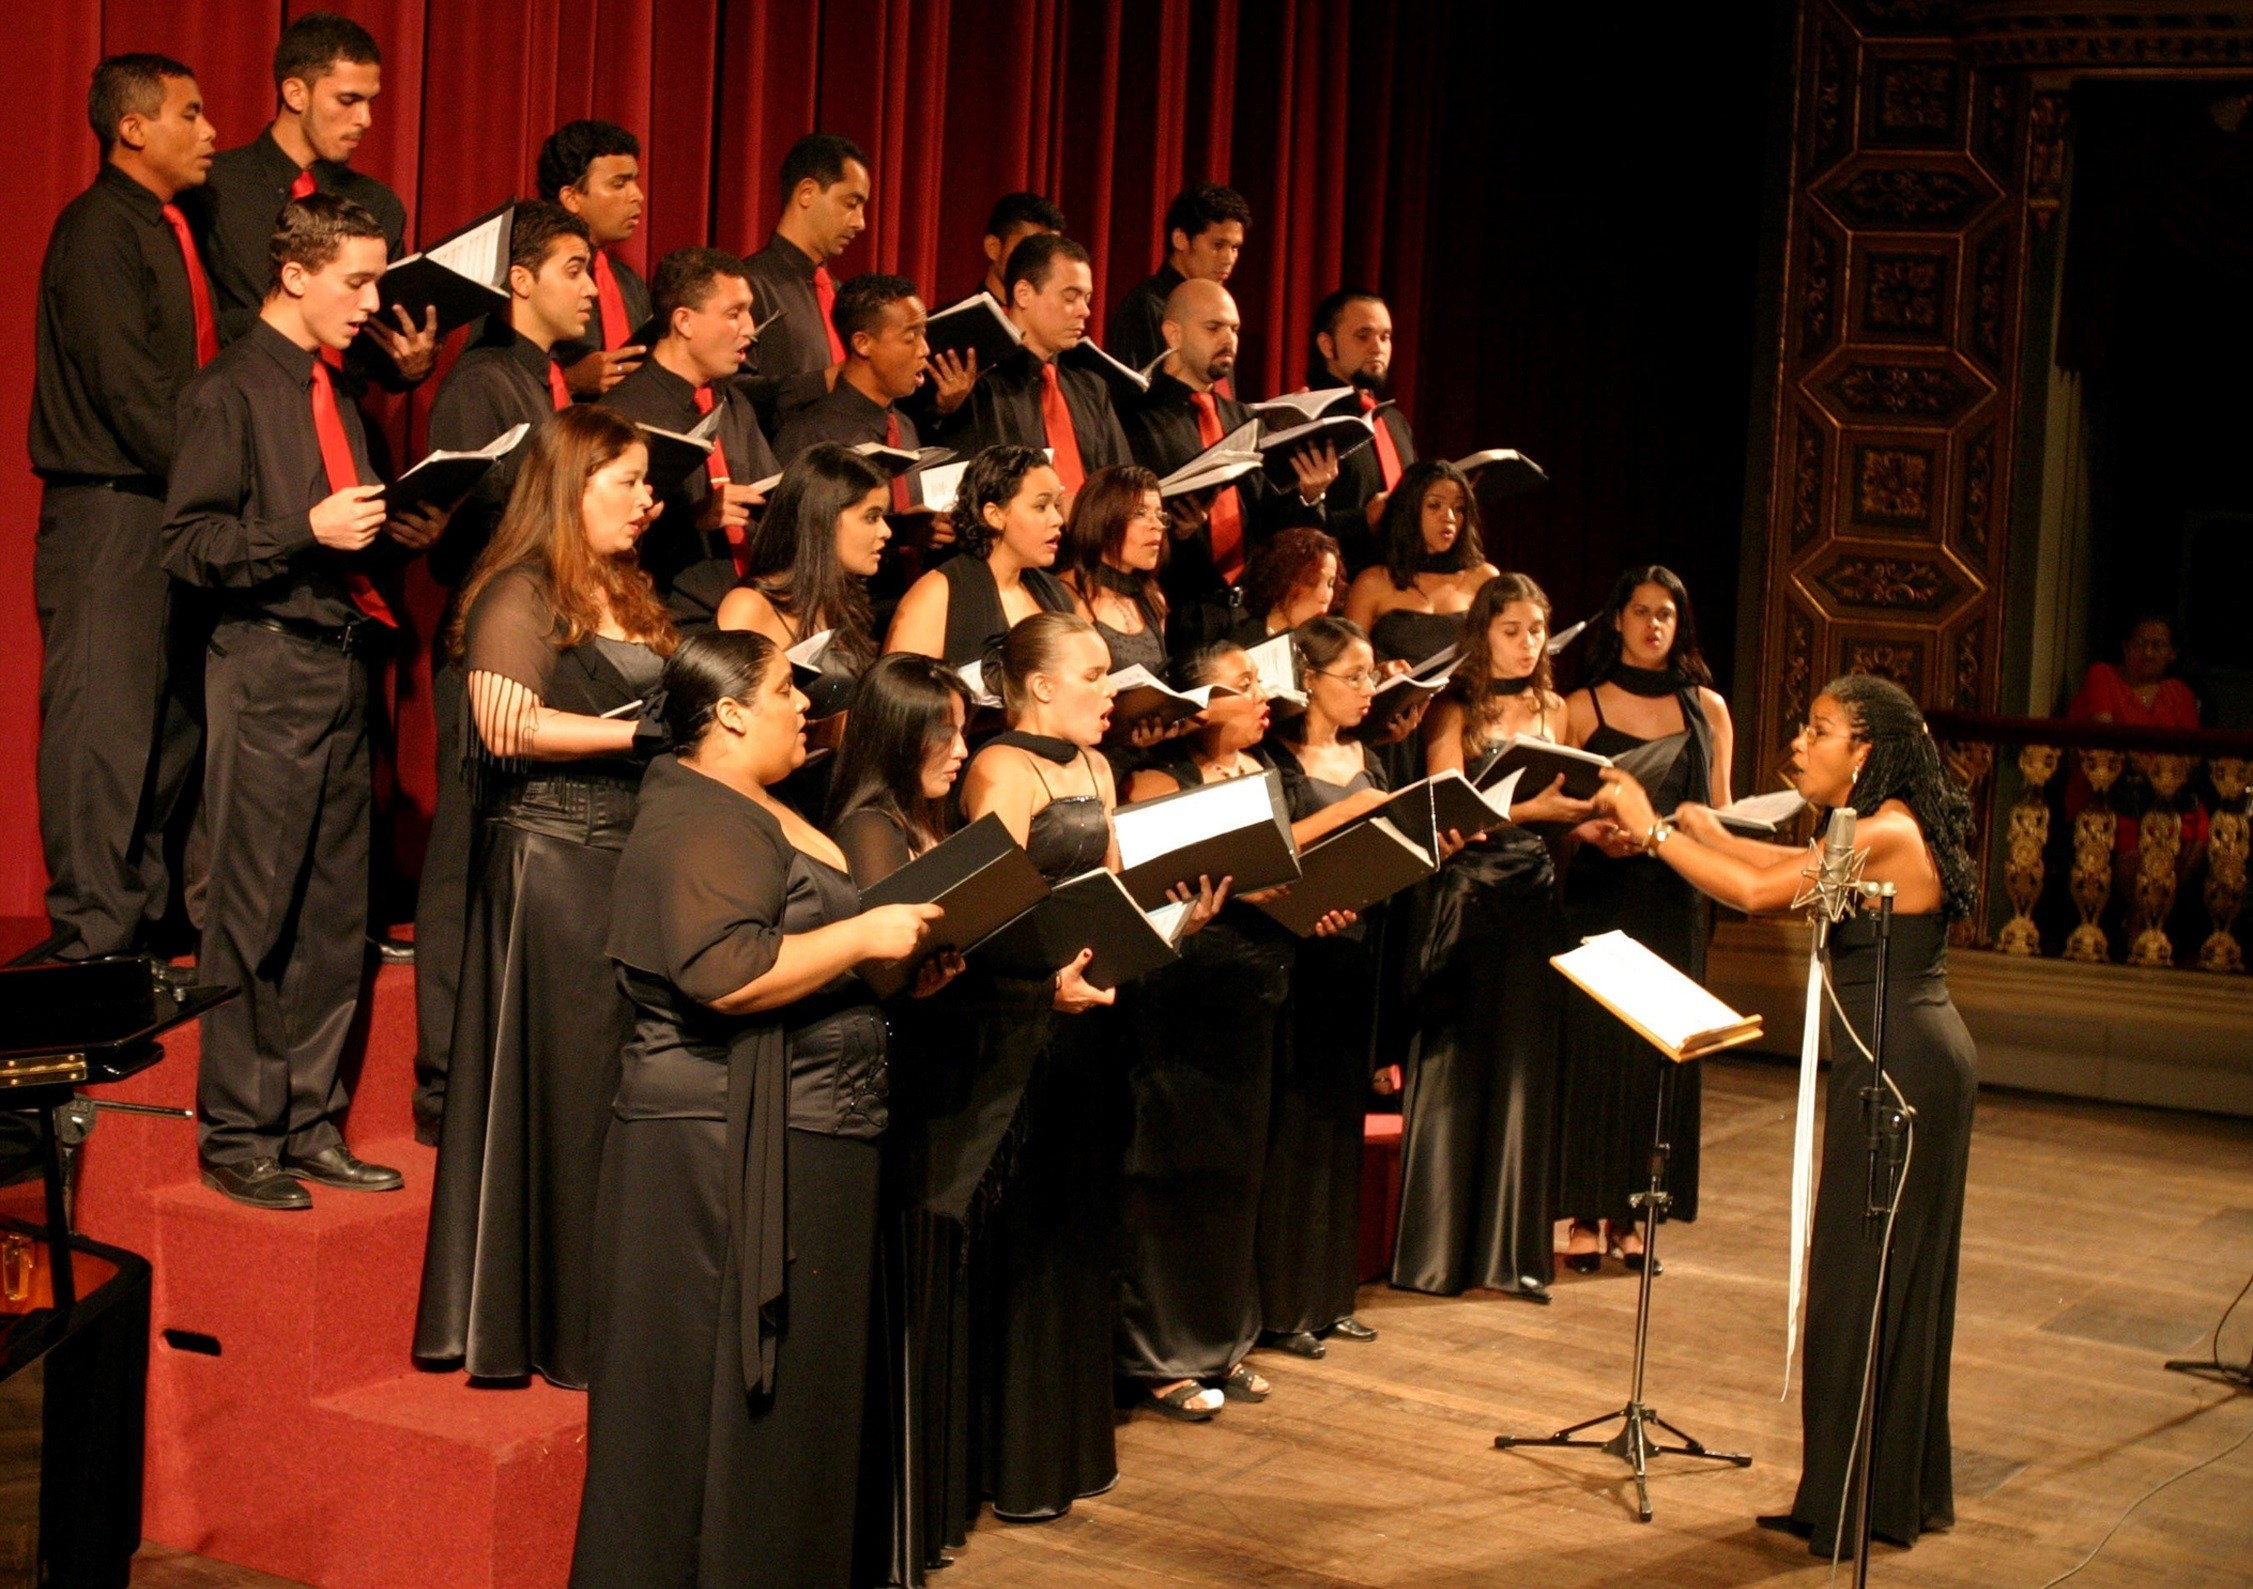 Concerto gratuito apresenta músicas sacras marianas para homenagear N. Sra. de Nazaré - Notícias - Plantão Diário